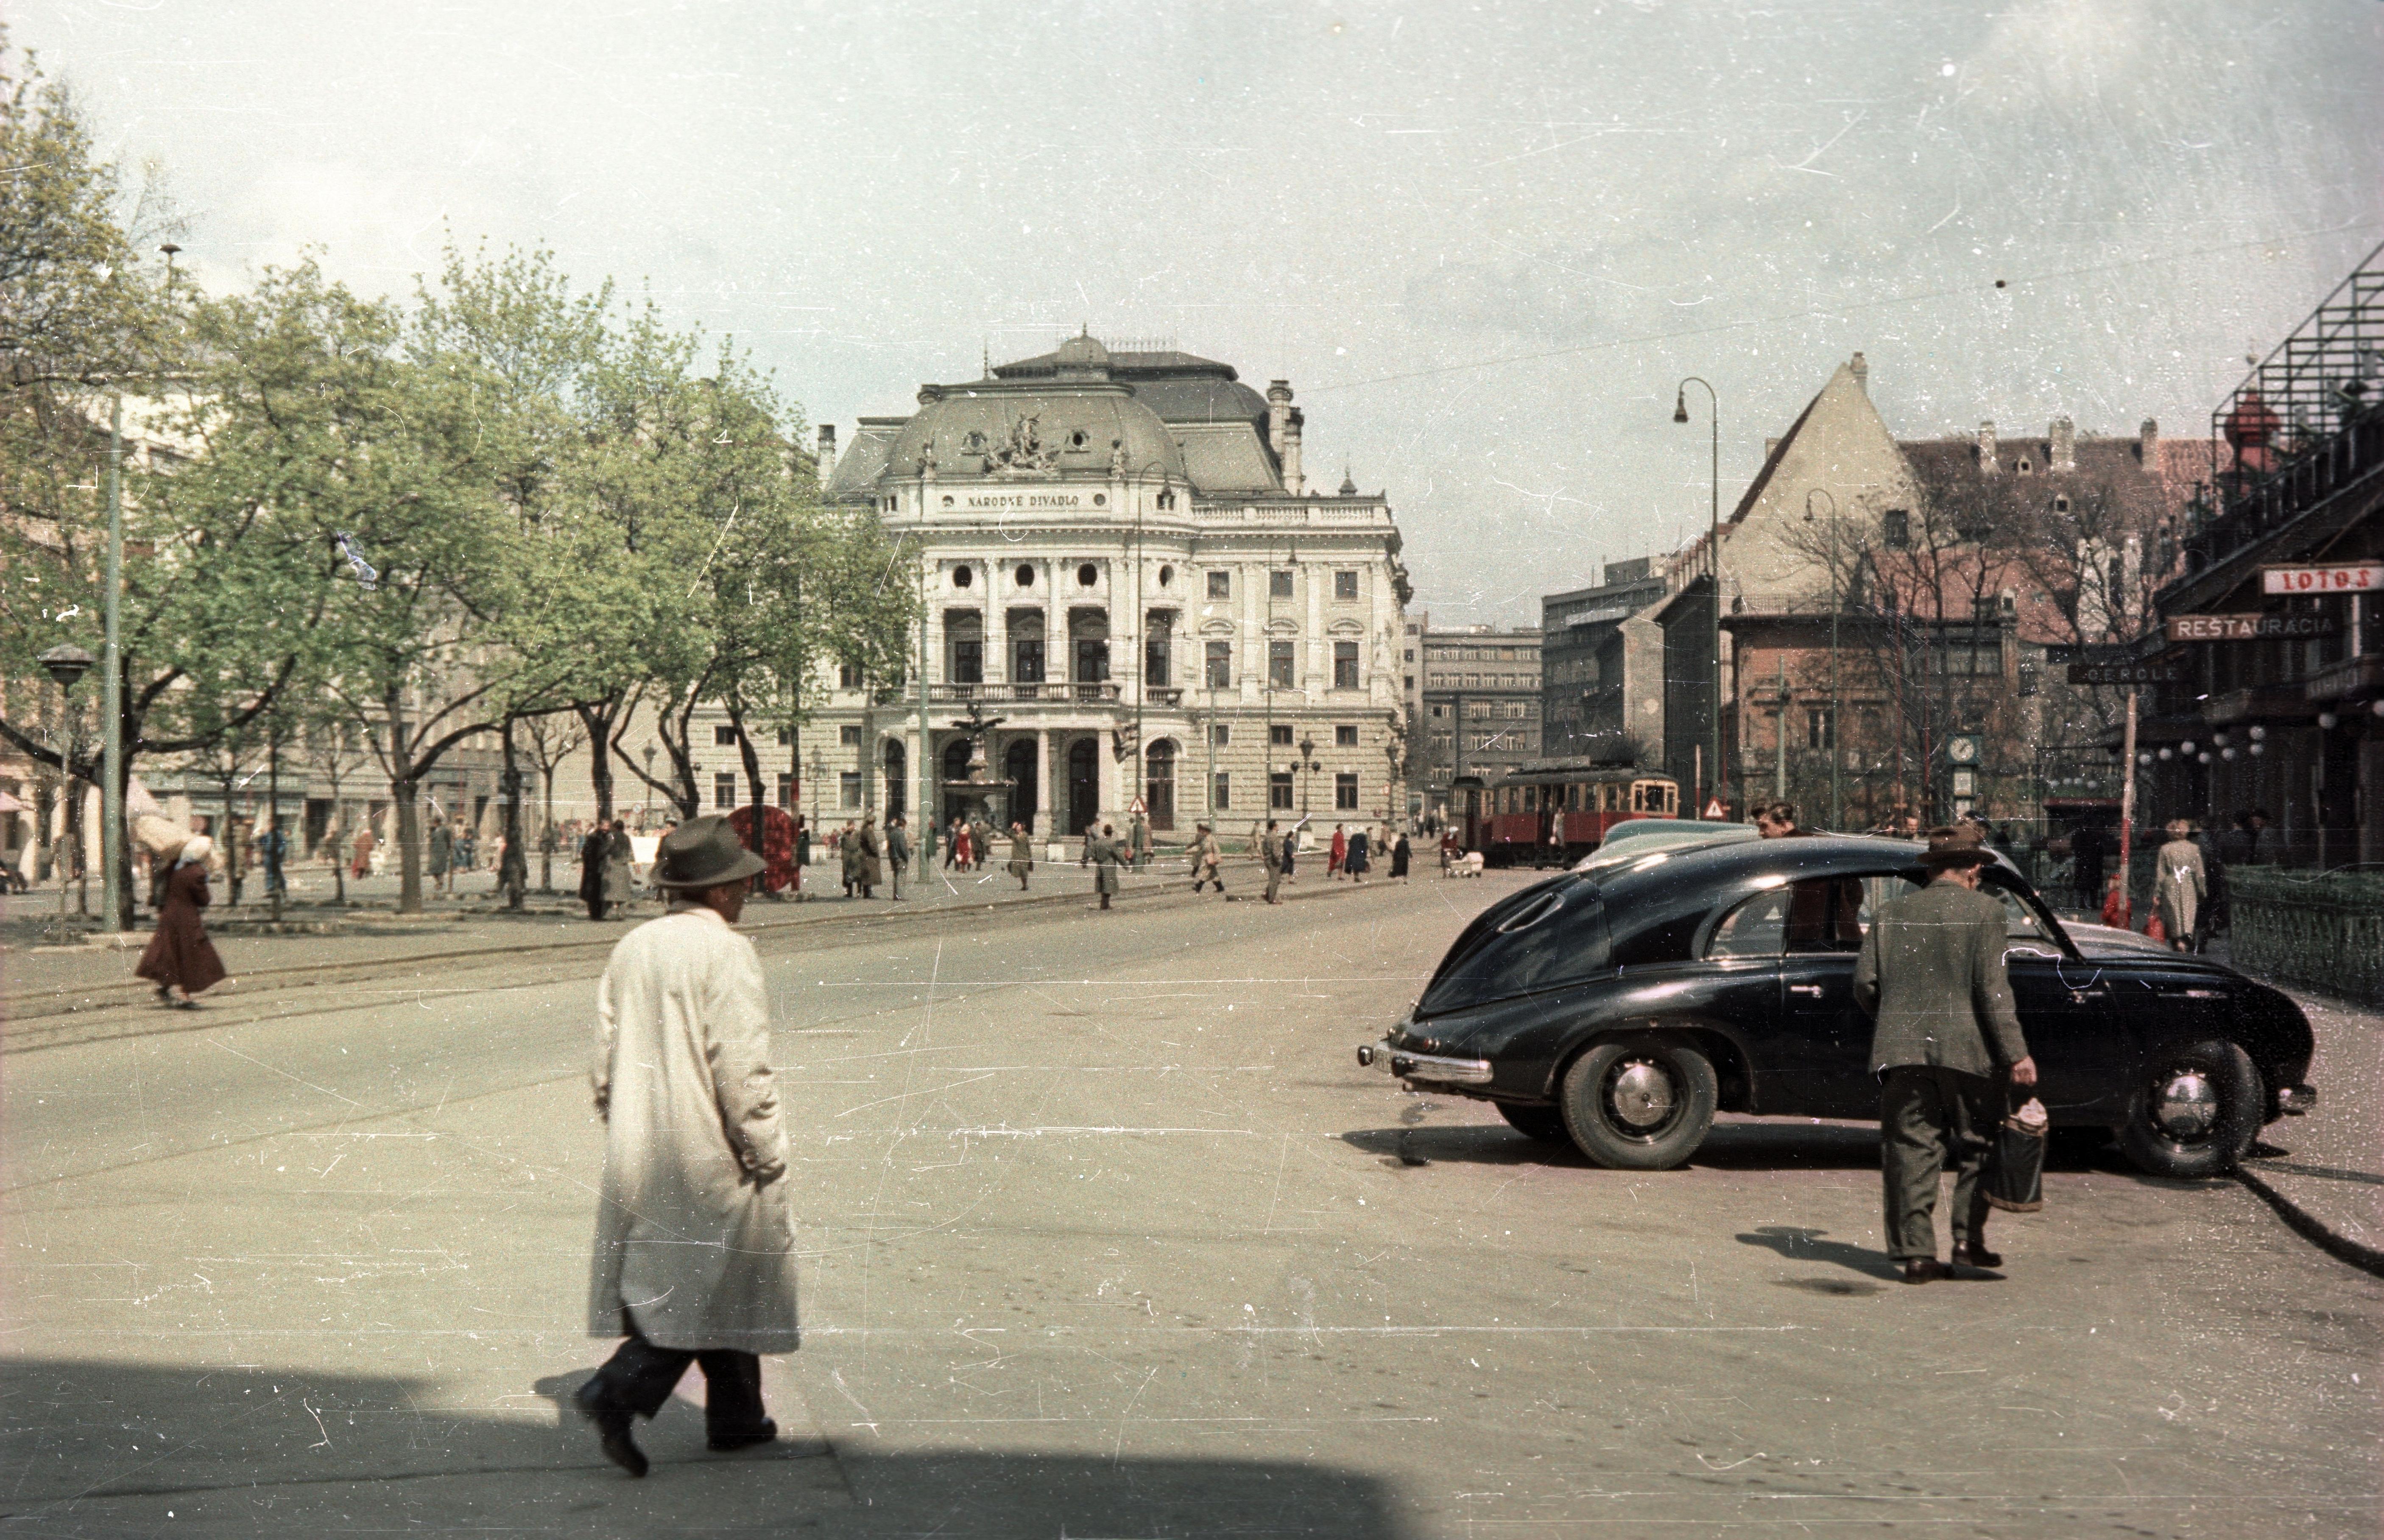 Братислава.  Площадь Гвездослава напротив Национального театра